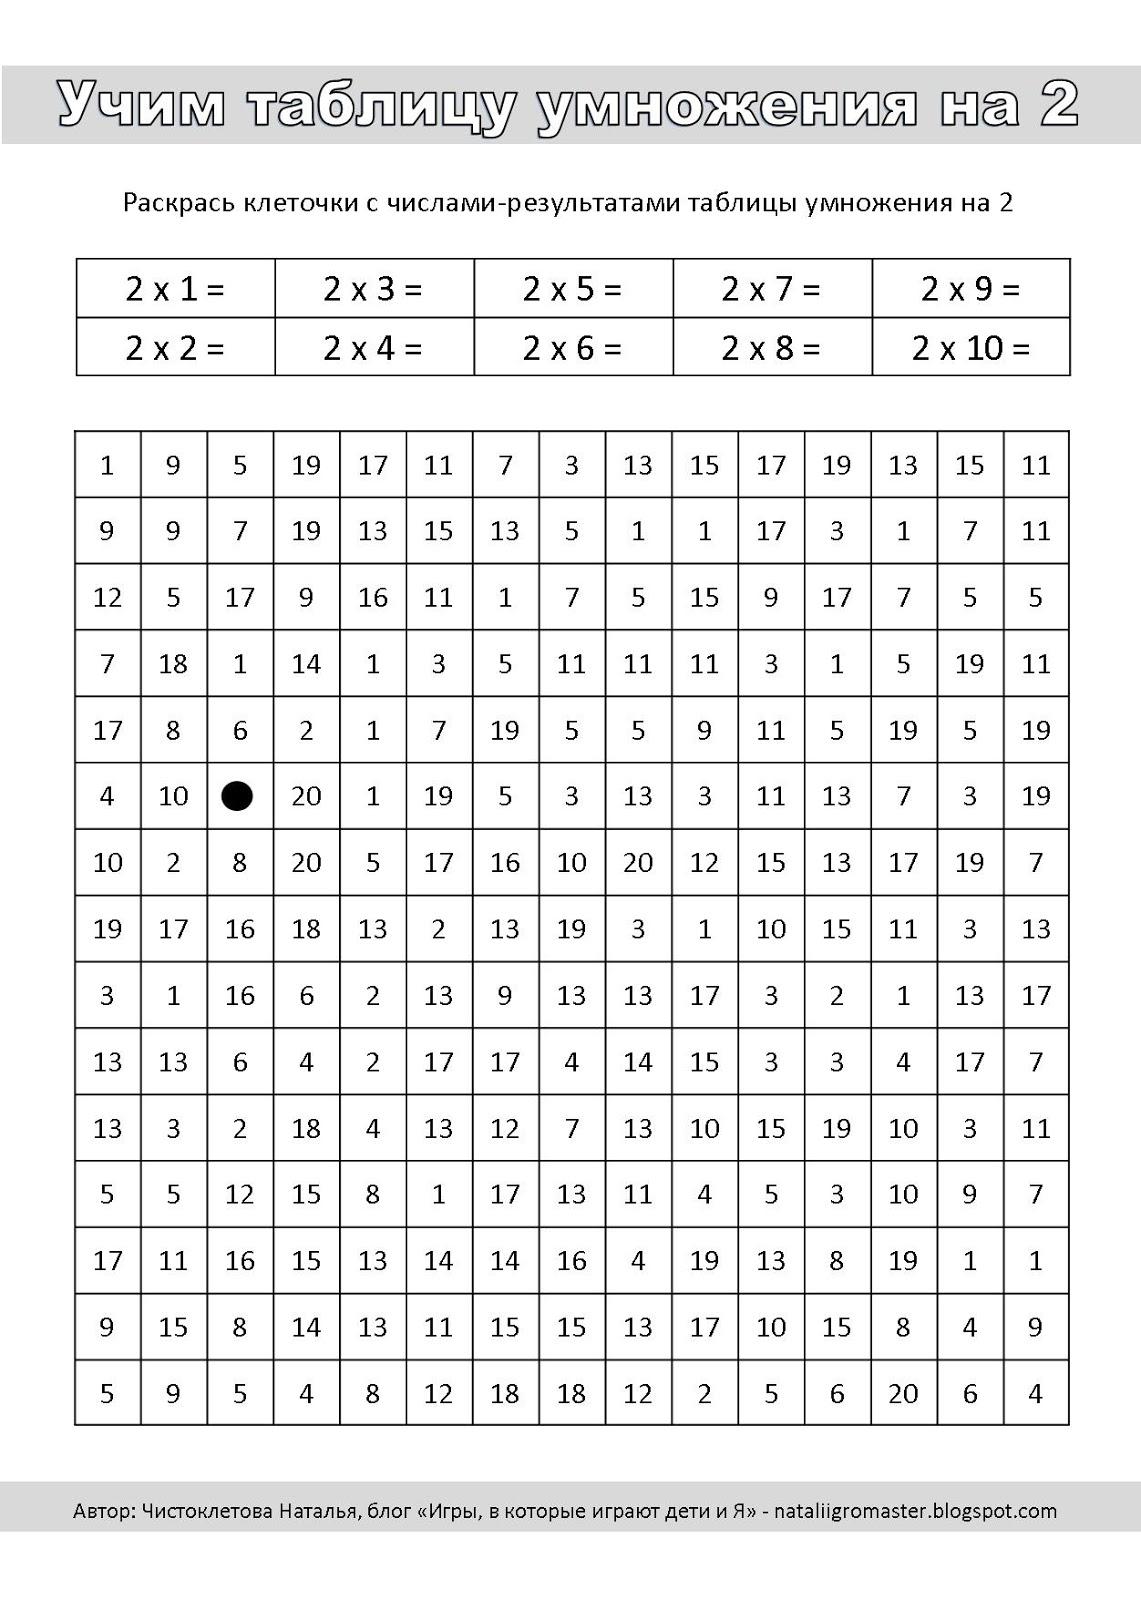 Раскраски с таблицей умножения и деления распечатать